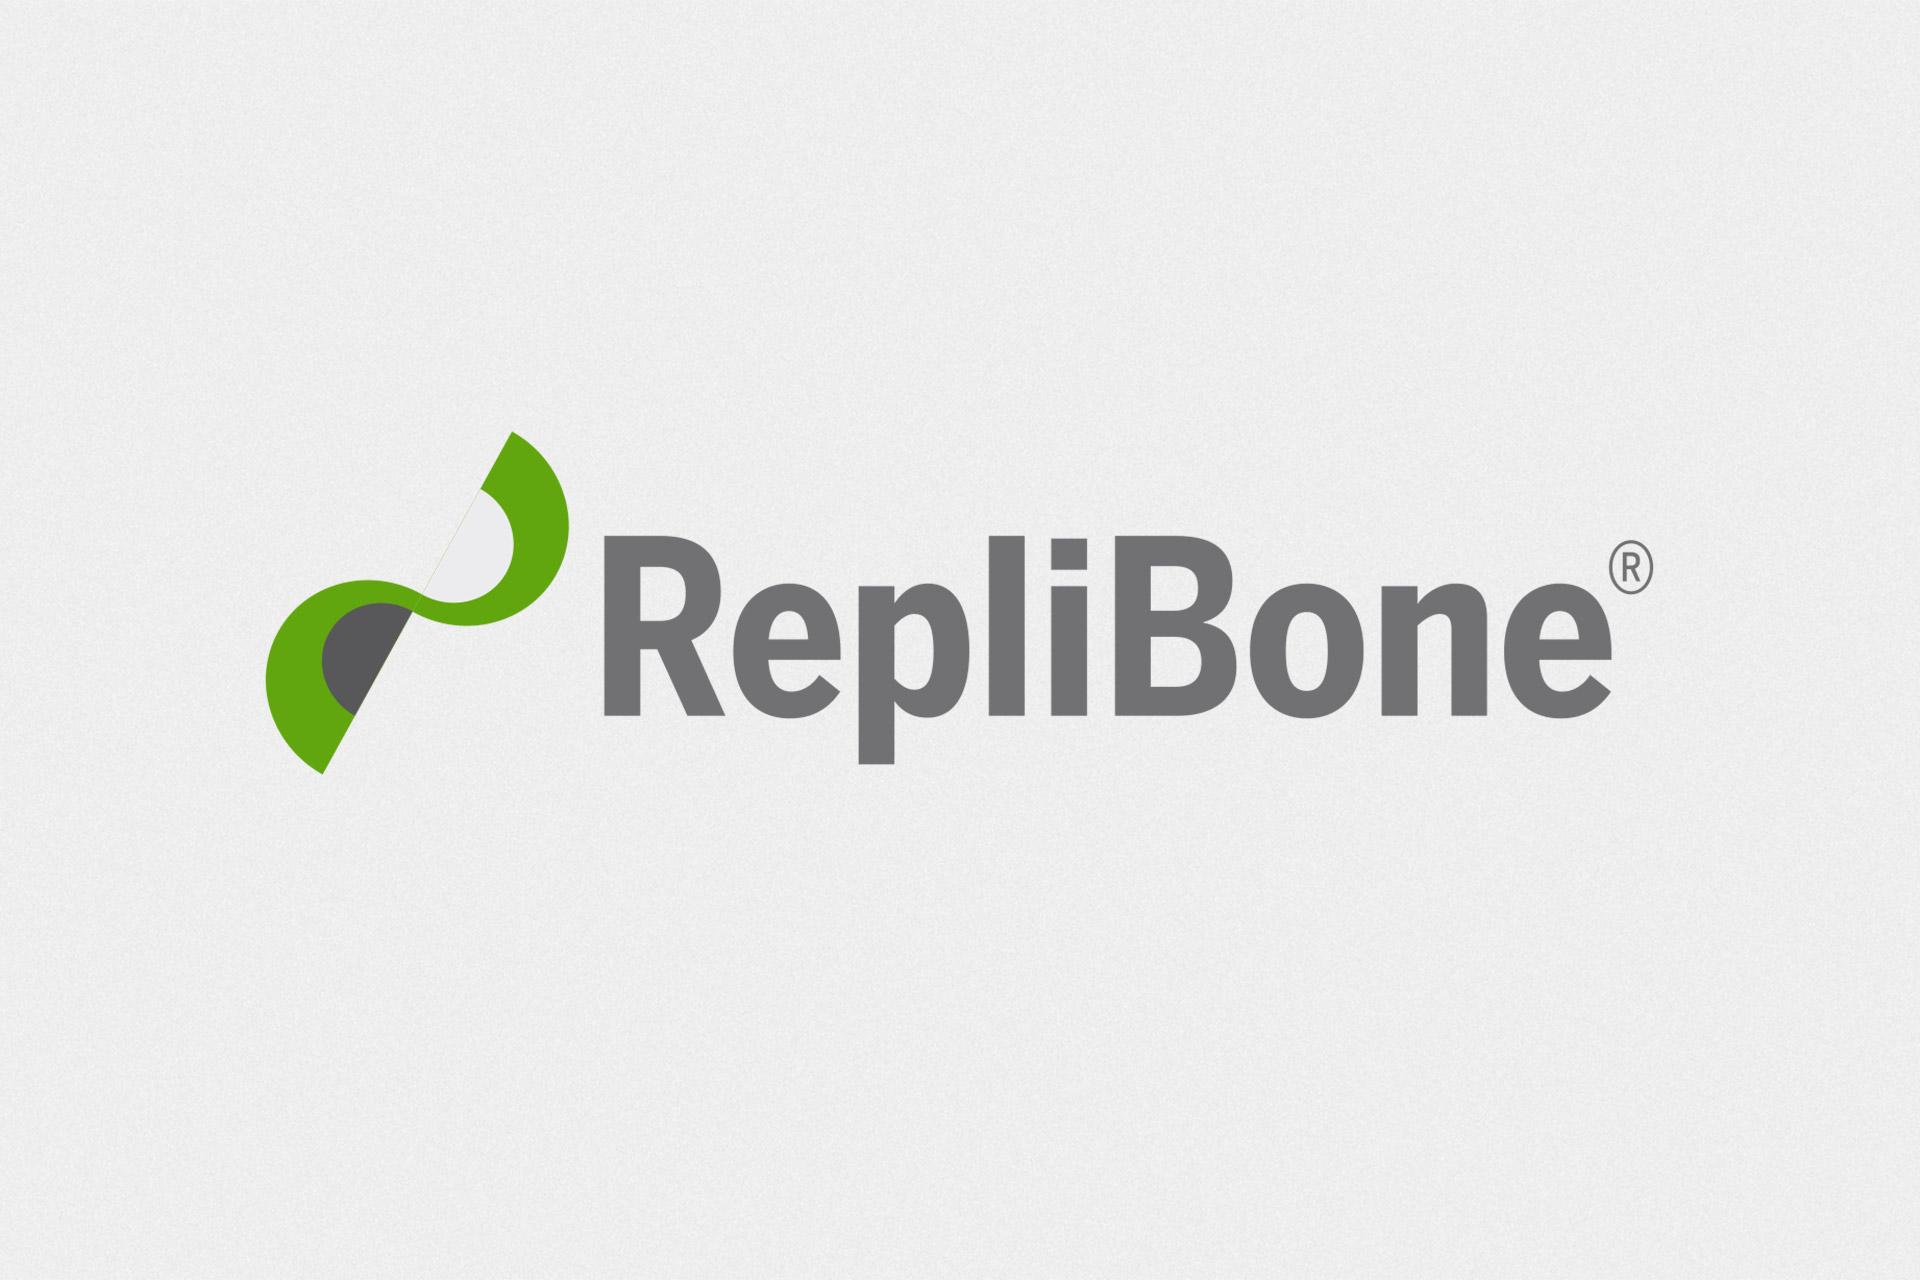 Corporate Design für Replibone, Beispiel Logodesign